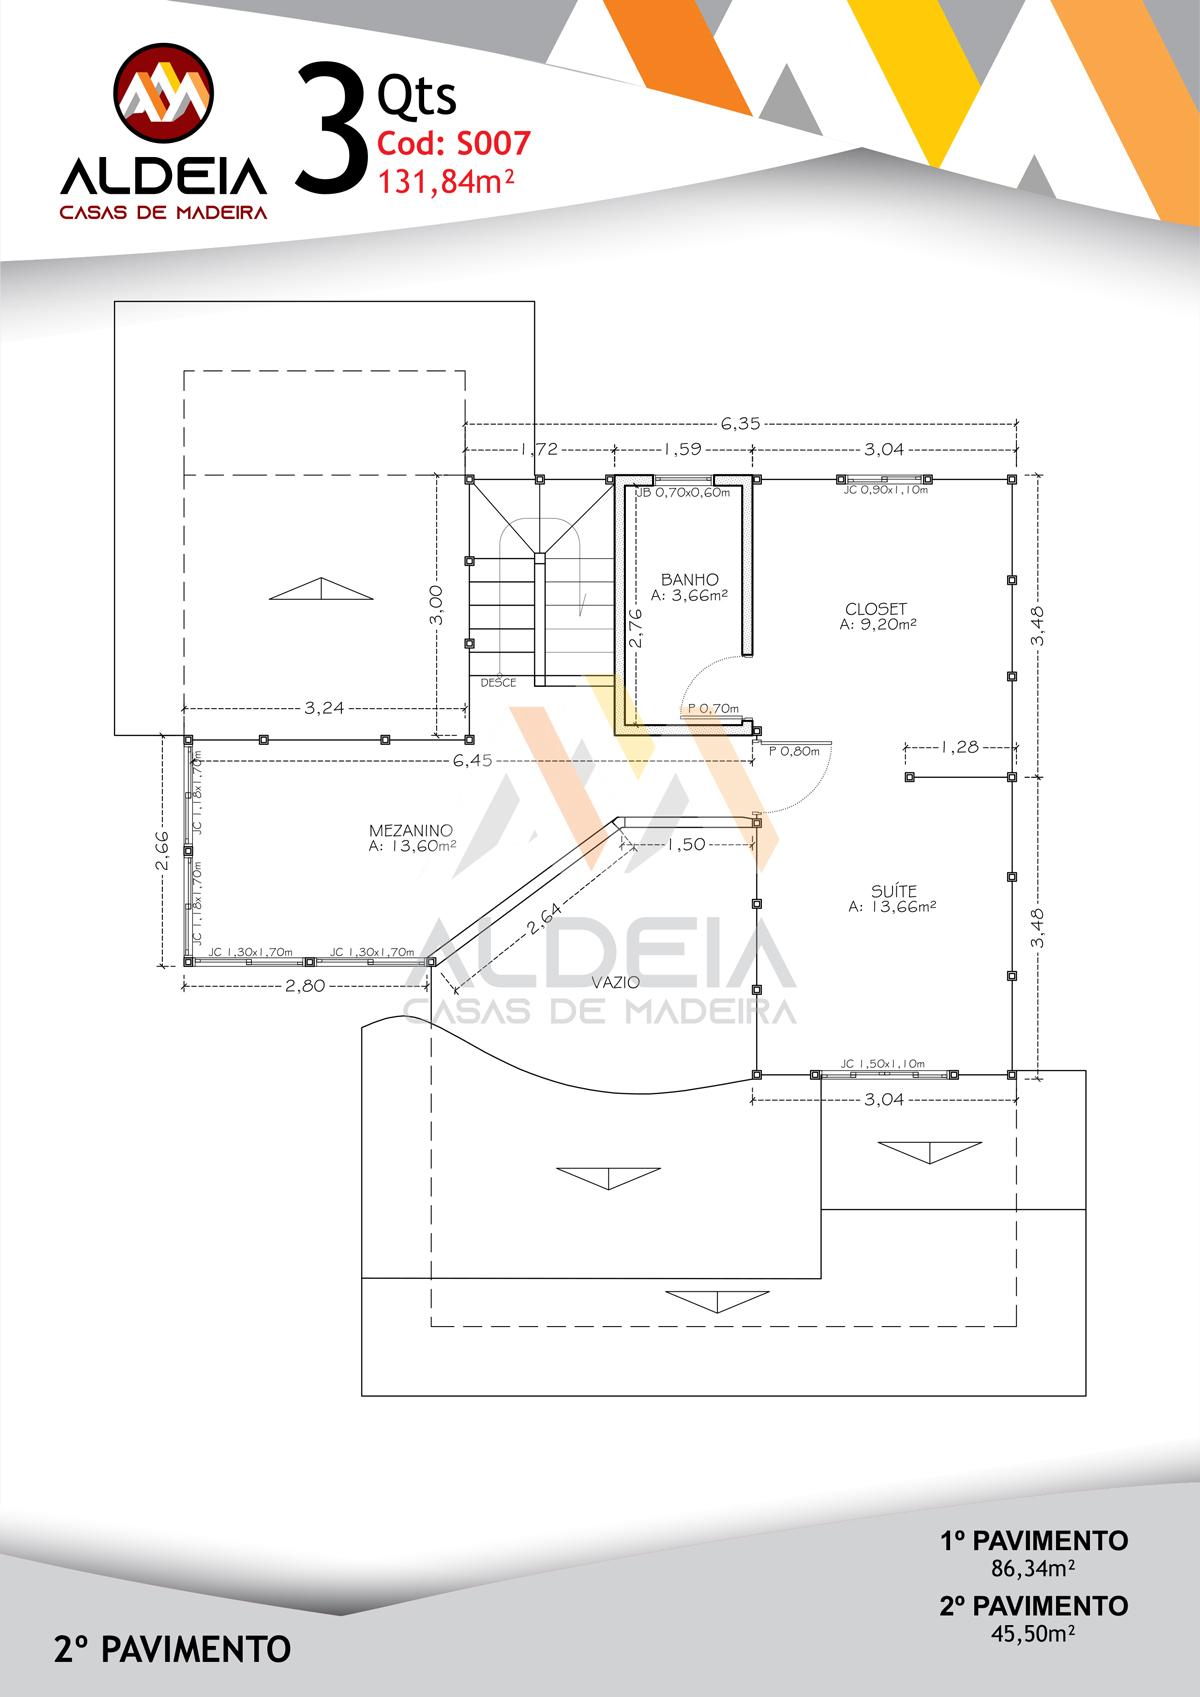 aldeia-casas-madeira-arquitetura-S007-2